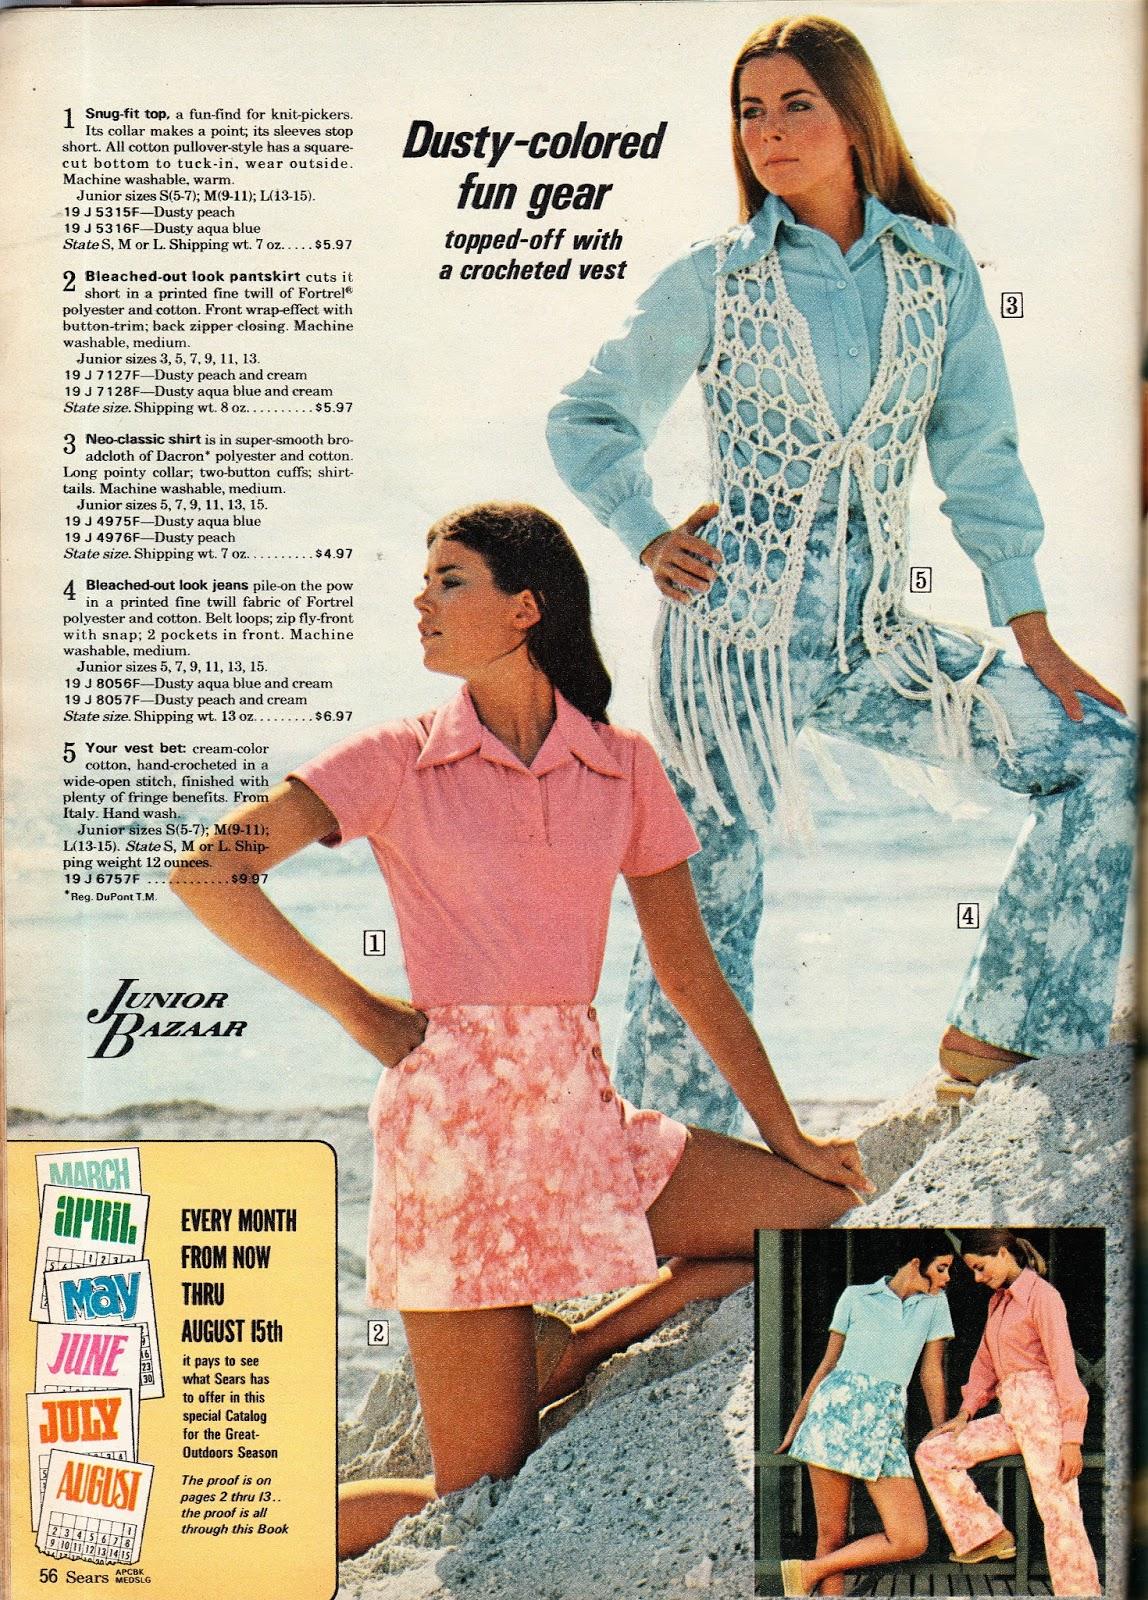 c1de0dd77ac Kathy Loghry Blogspot  Ready for Summer  Sears Style!!